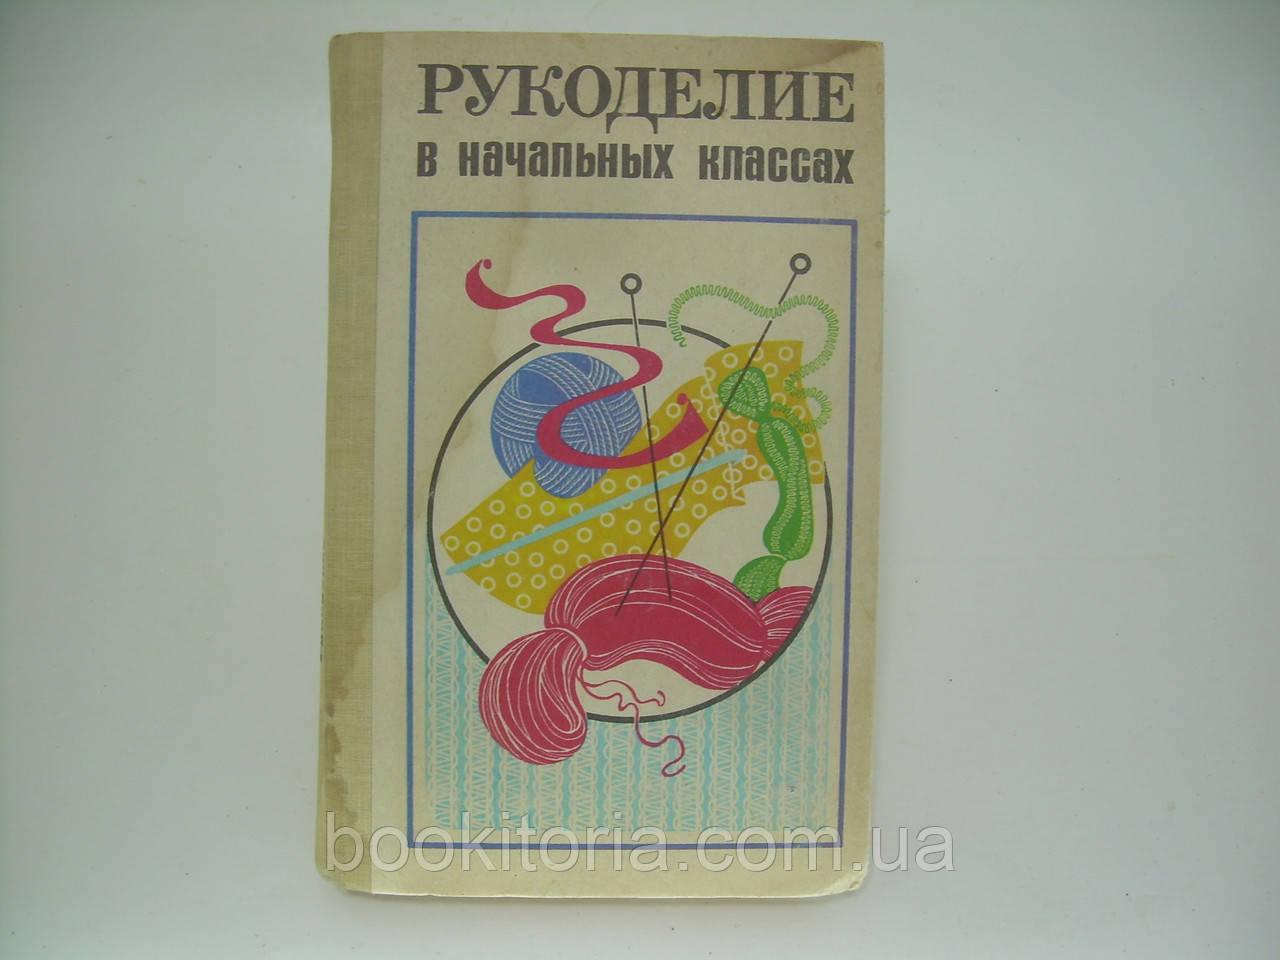 Рукоделие в начальных классах. Книга для учителя по внеклассной работе (б/у).